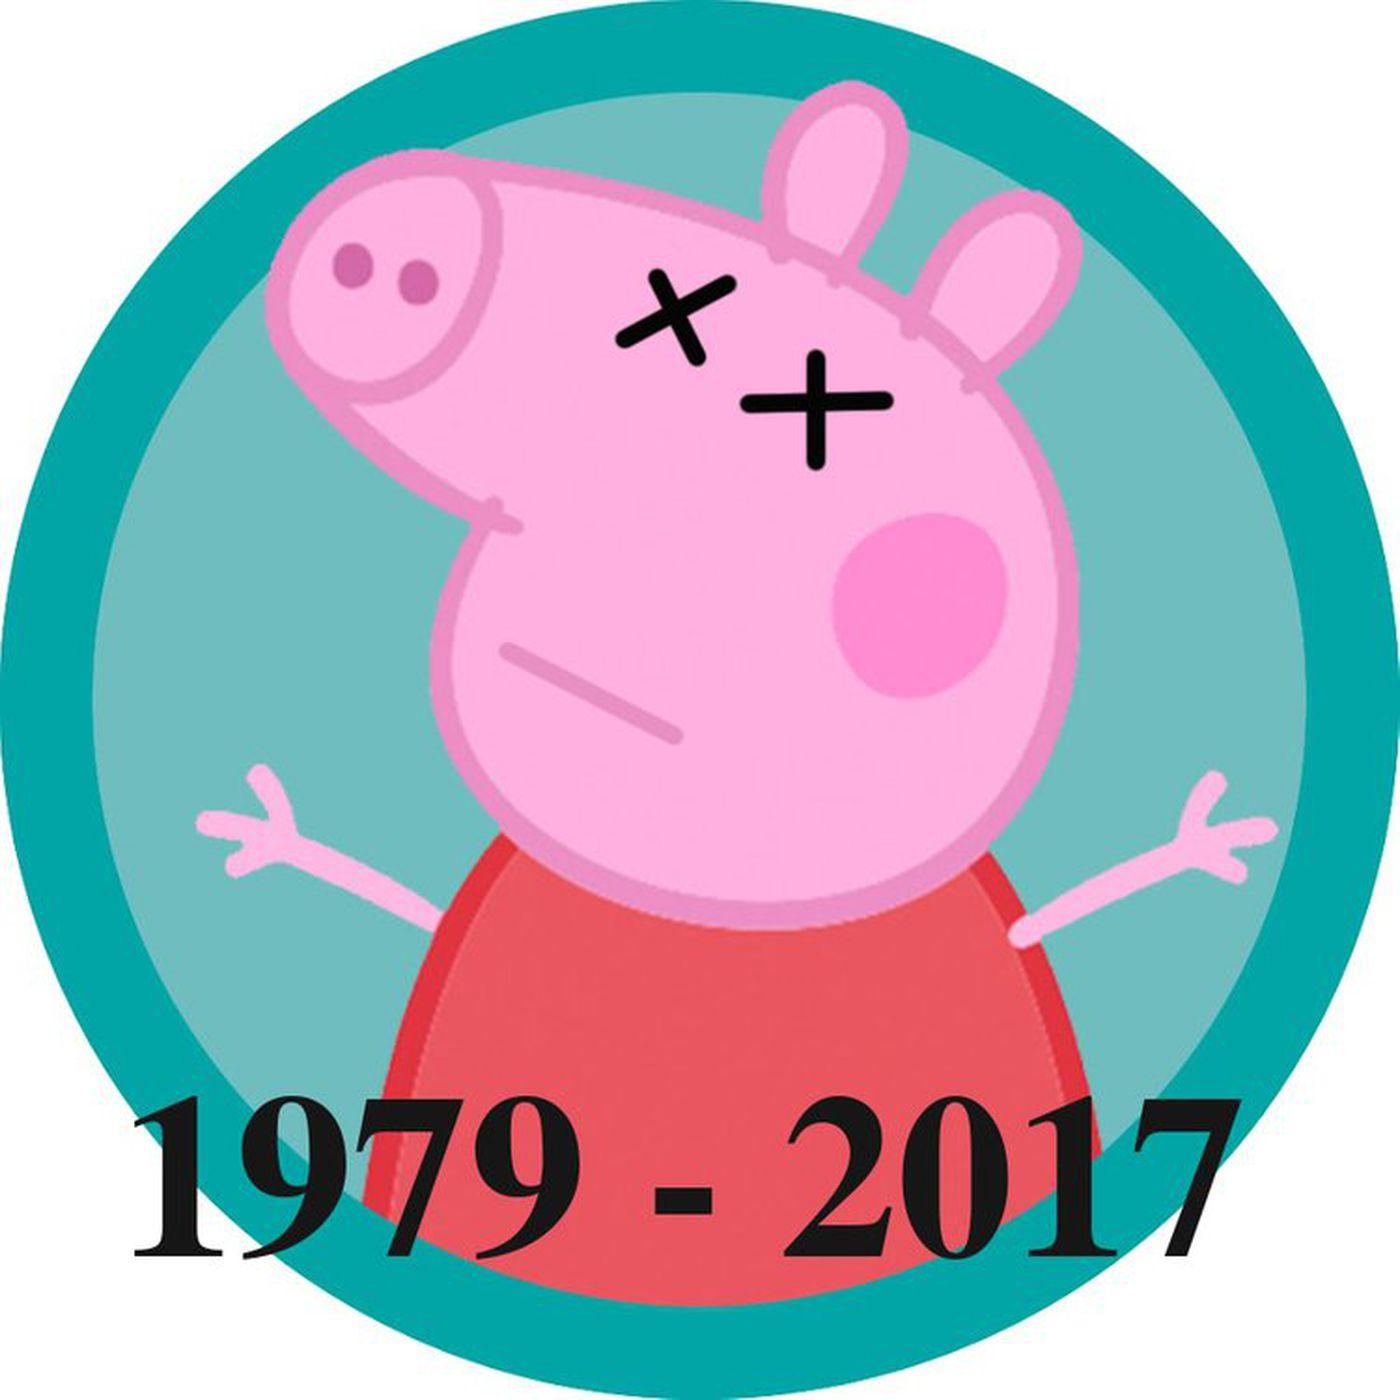 Breaking Peppa Pig Dead At 38 Funny Or Die